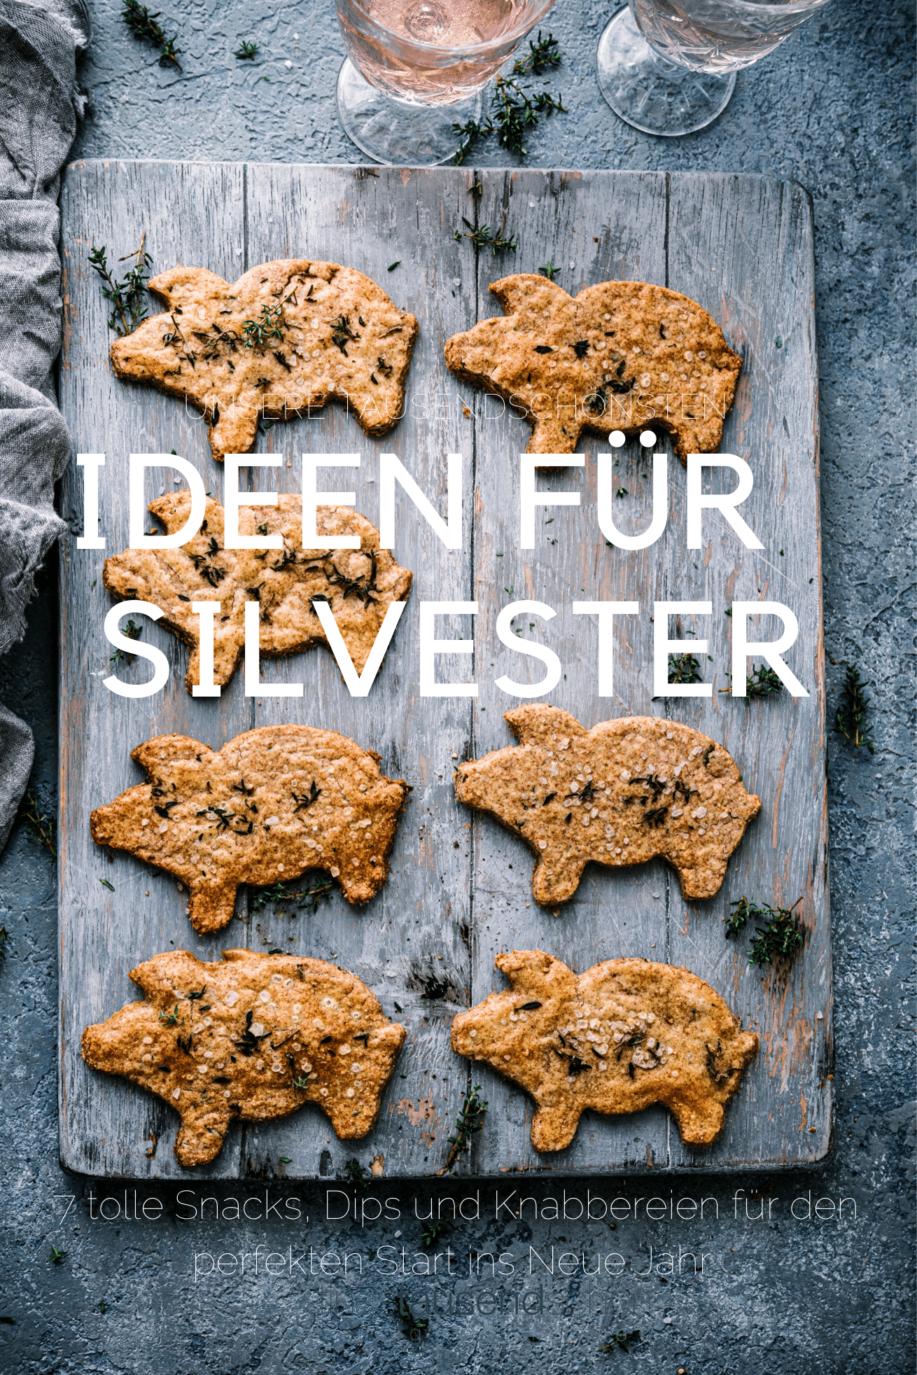 Tolle Dips, Knabbereien und Snacks für Silvester Rezept